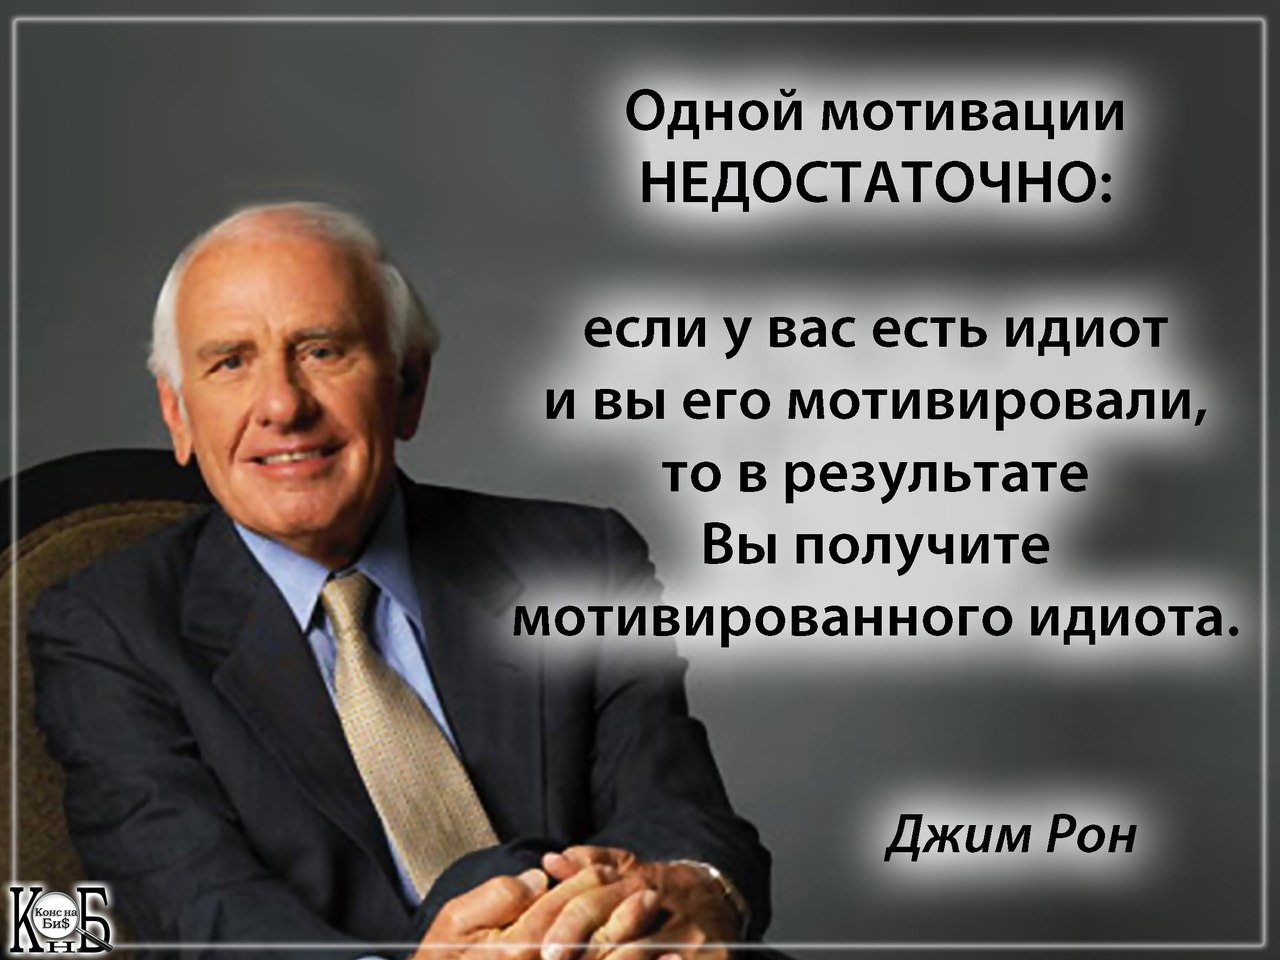 https://pp.userapi.com/c543105/v543105729/389ab/Sg2nE_FtwMw.jpg